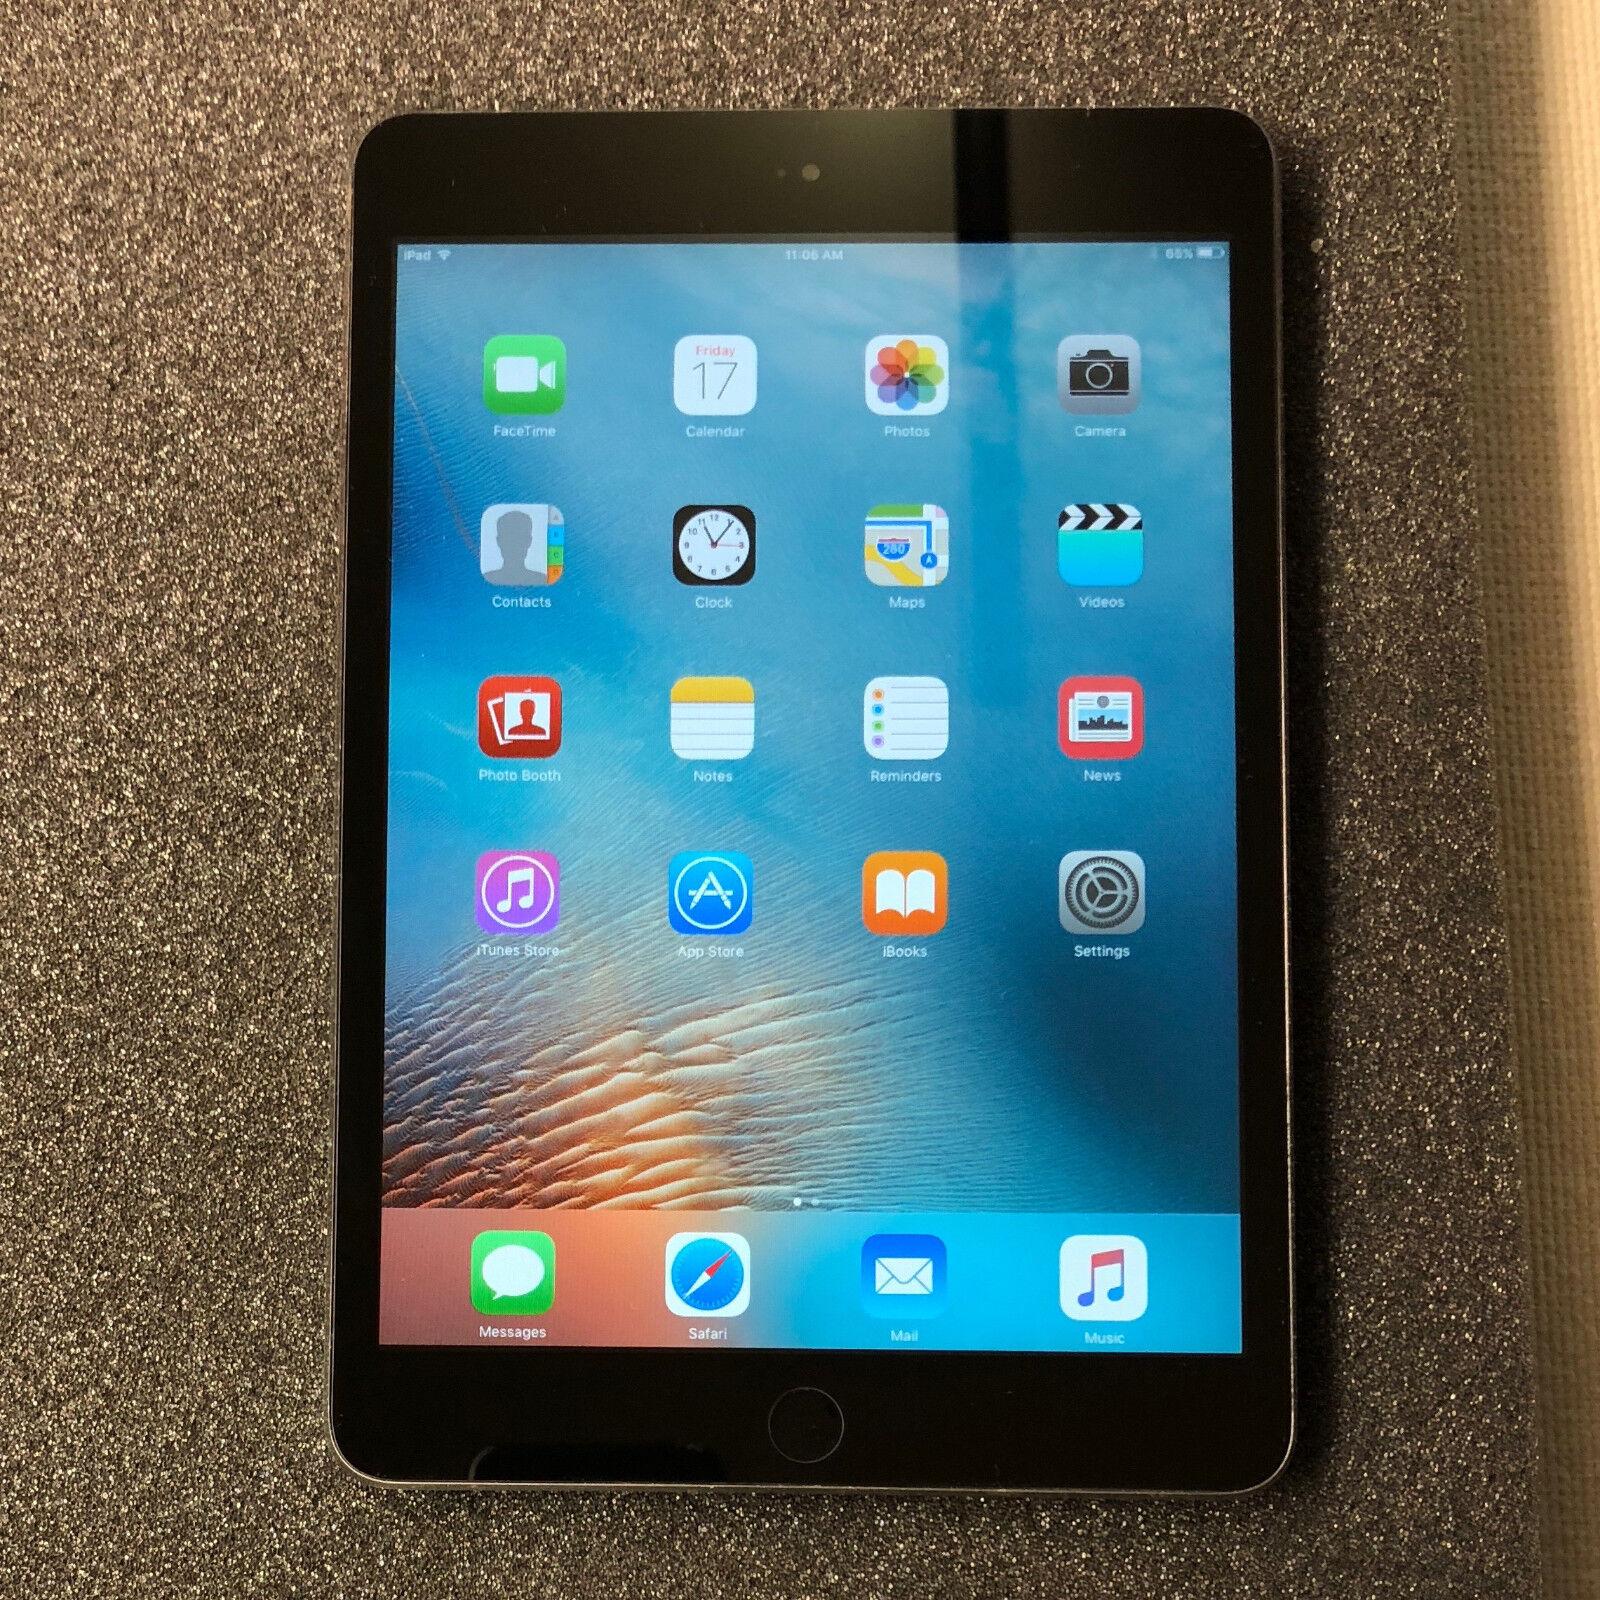 Ipad Mini - Apple iPad mini 1st Generation 16GB, Wi-Fi, 7.9in - Space Gray